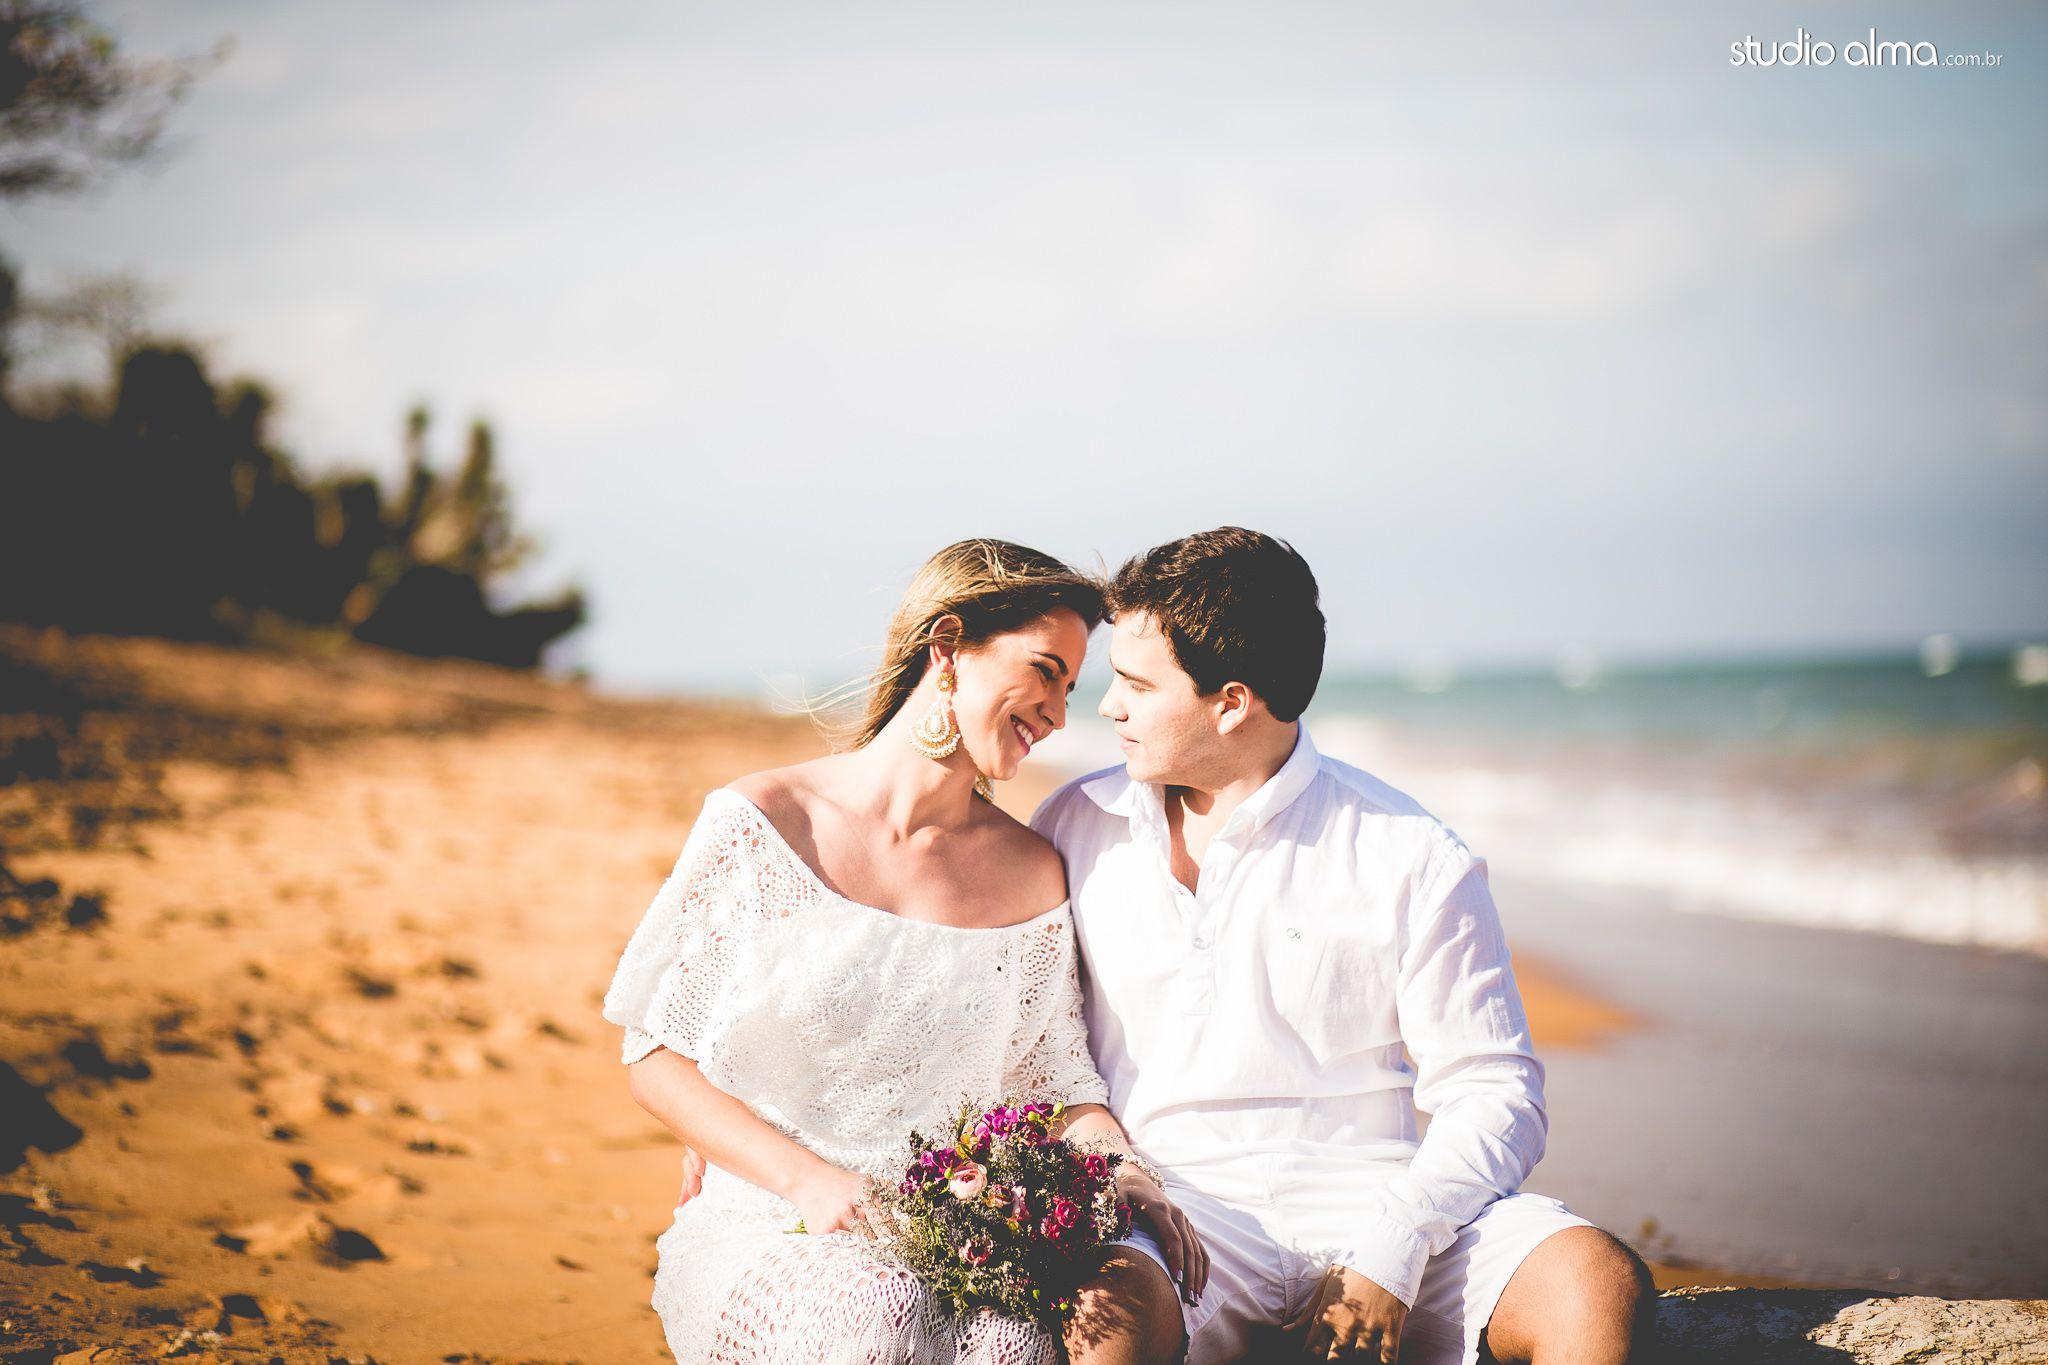 Letícia-André-E-Session-13 Romance e Felicidade - Letícia e André | ensaio pré-wedding